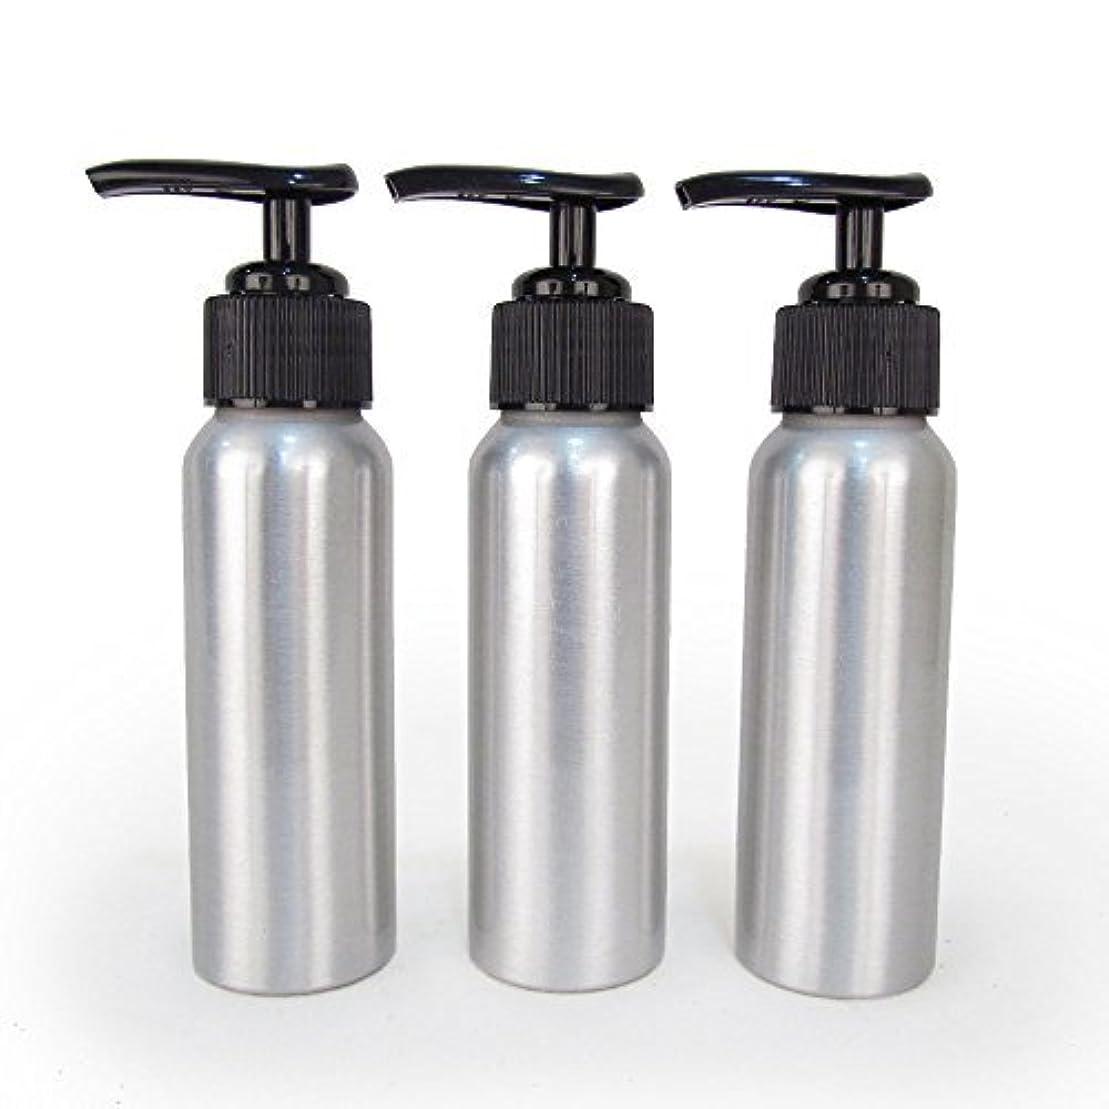 ギャングスター到着心配Set of 3 - Slender Brushed Aluminum 2.7 oz Pump Bottle for Essential Oil Products by Rivertree Life [並行輸入品]